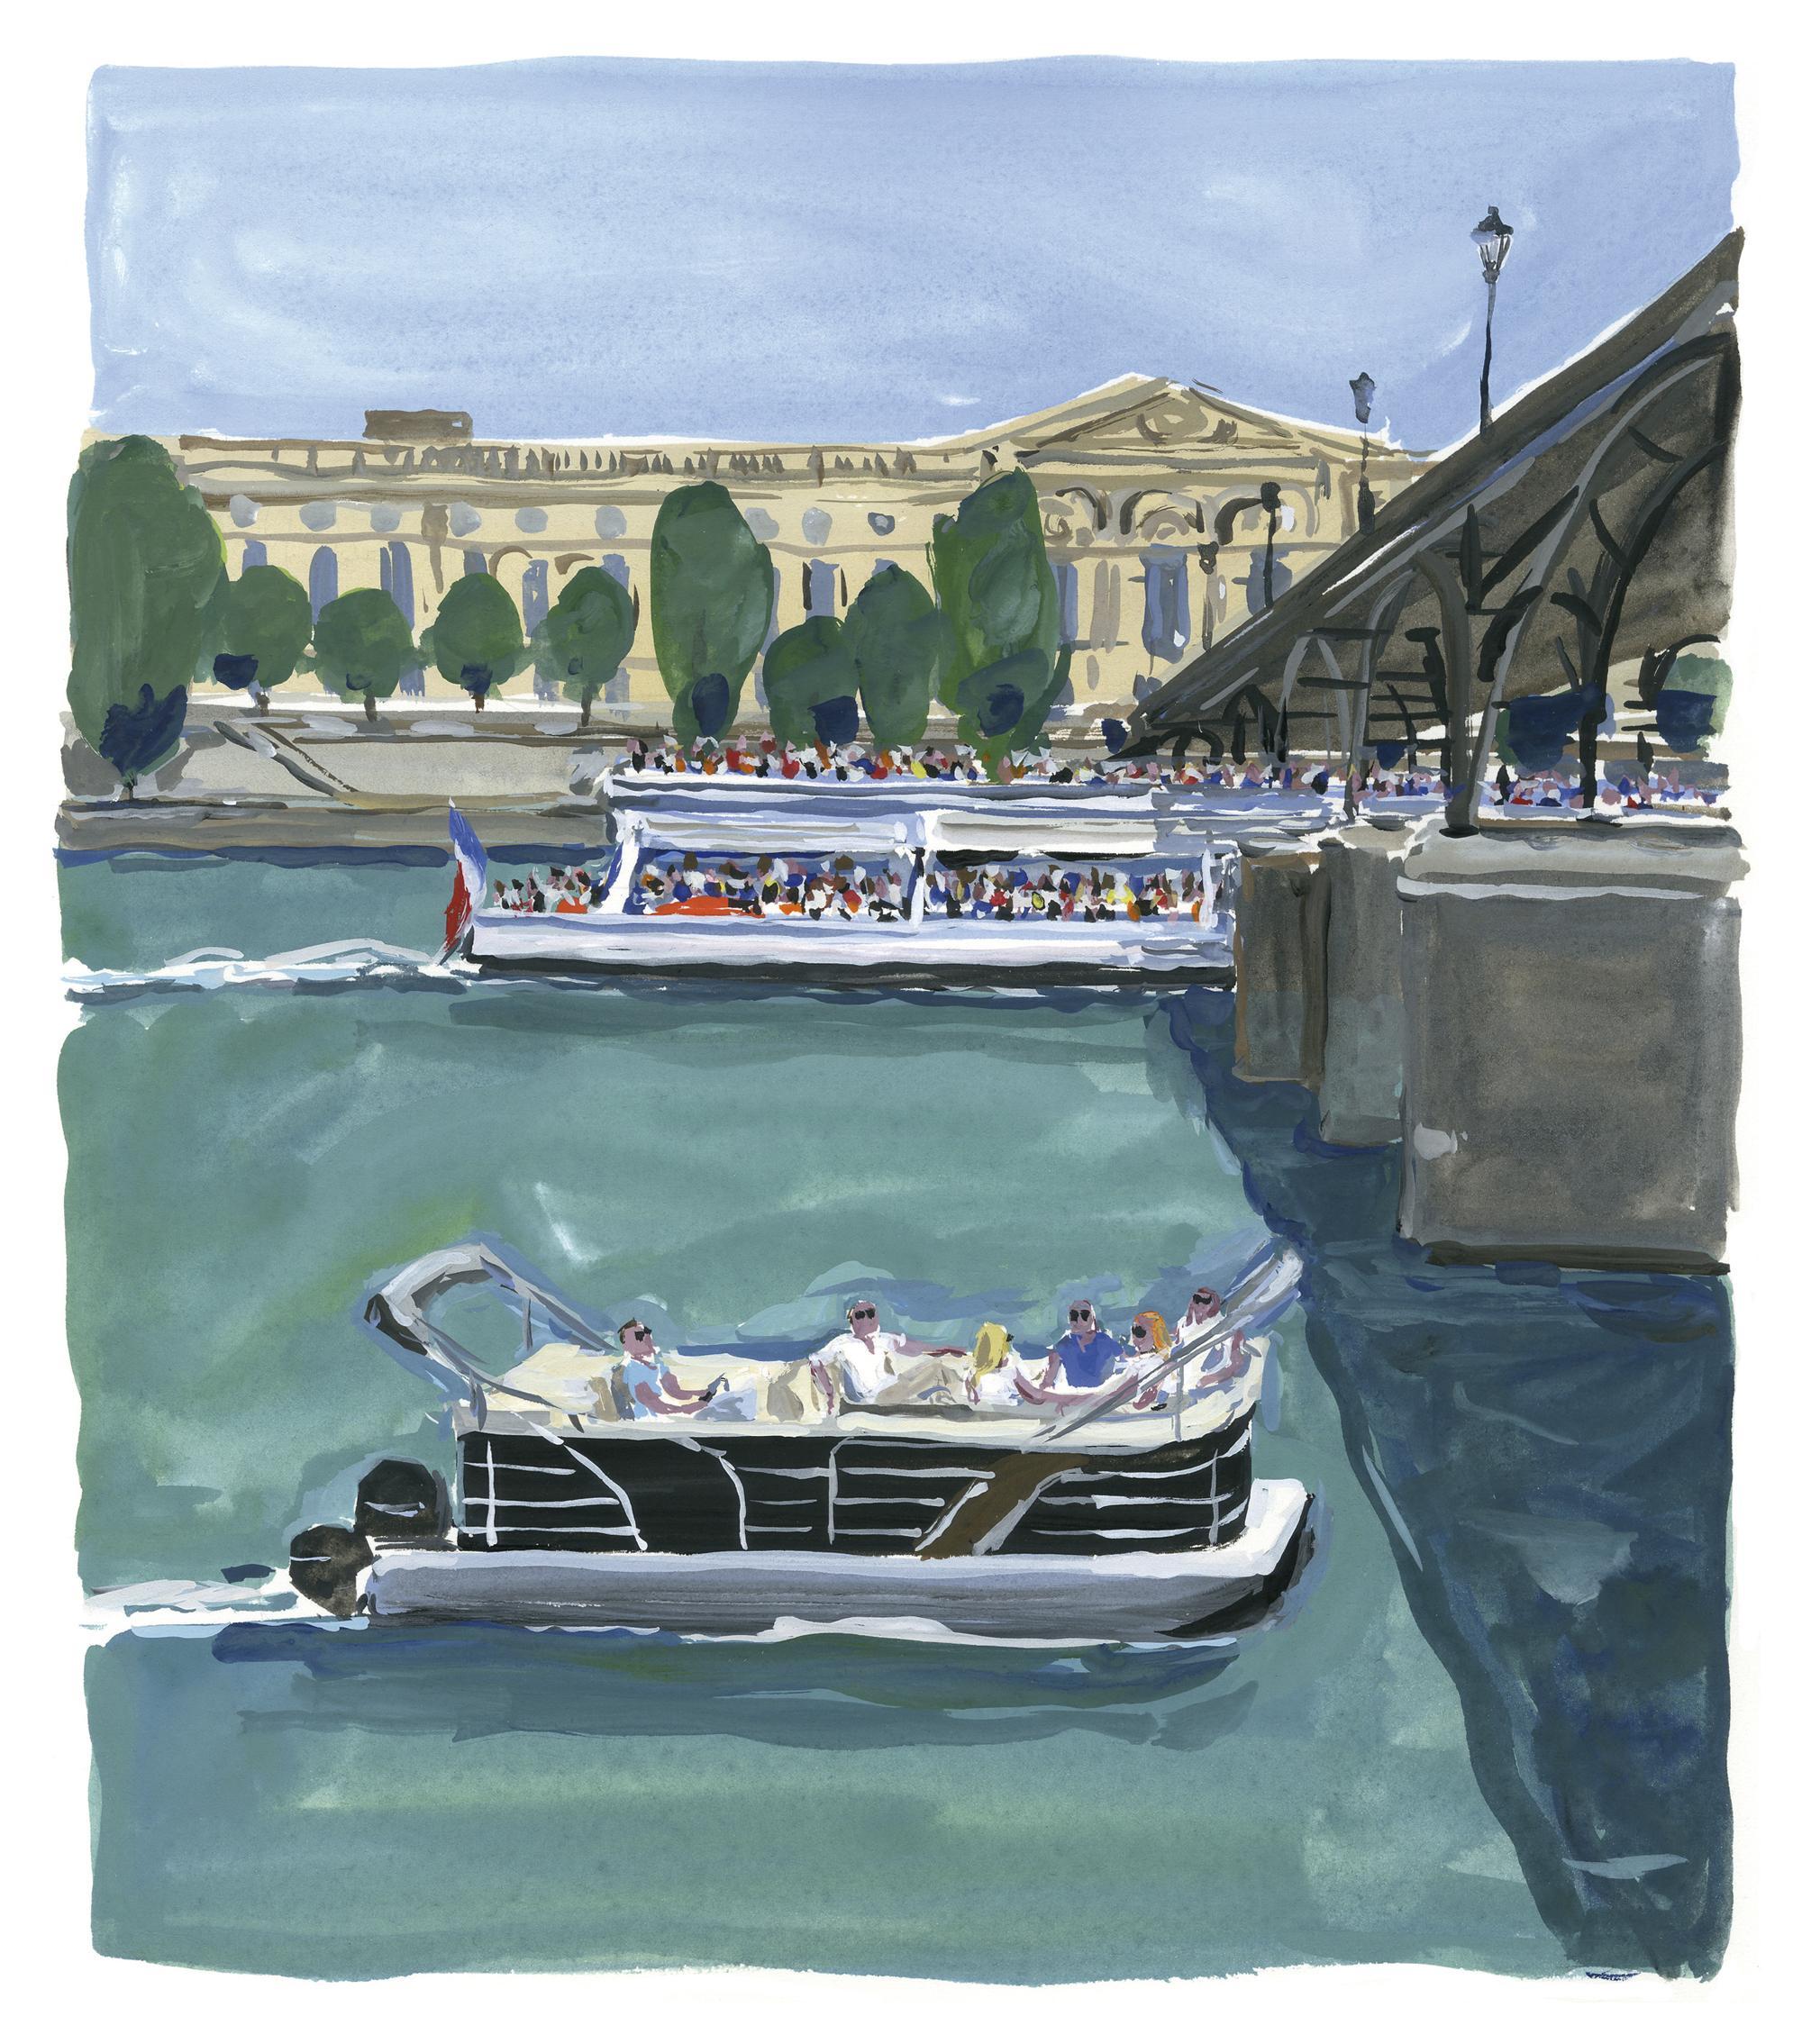 Pariser Tagebuch: Die schwimmende Lounge